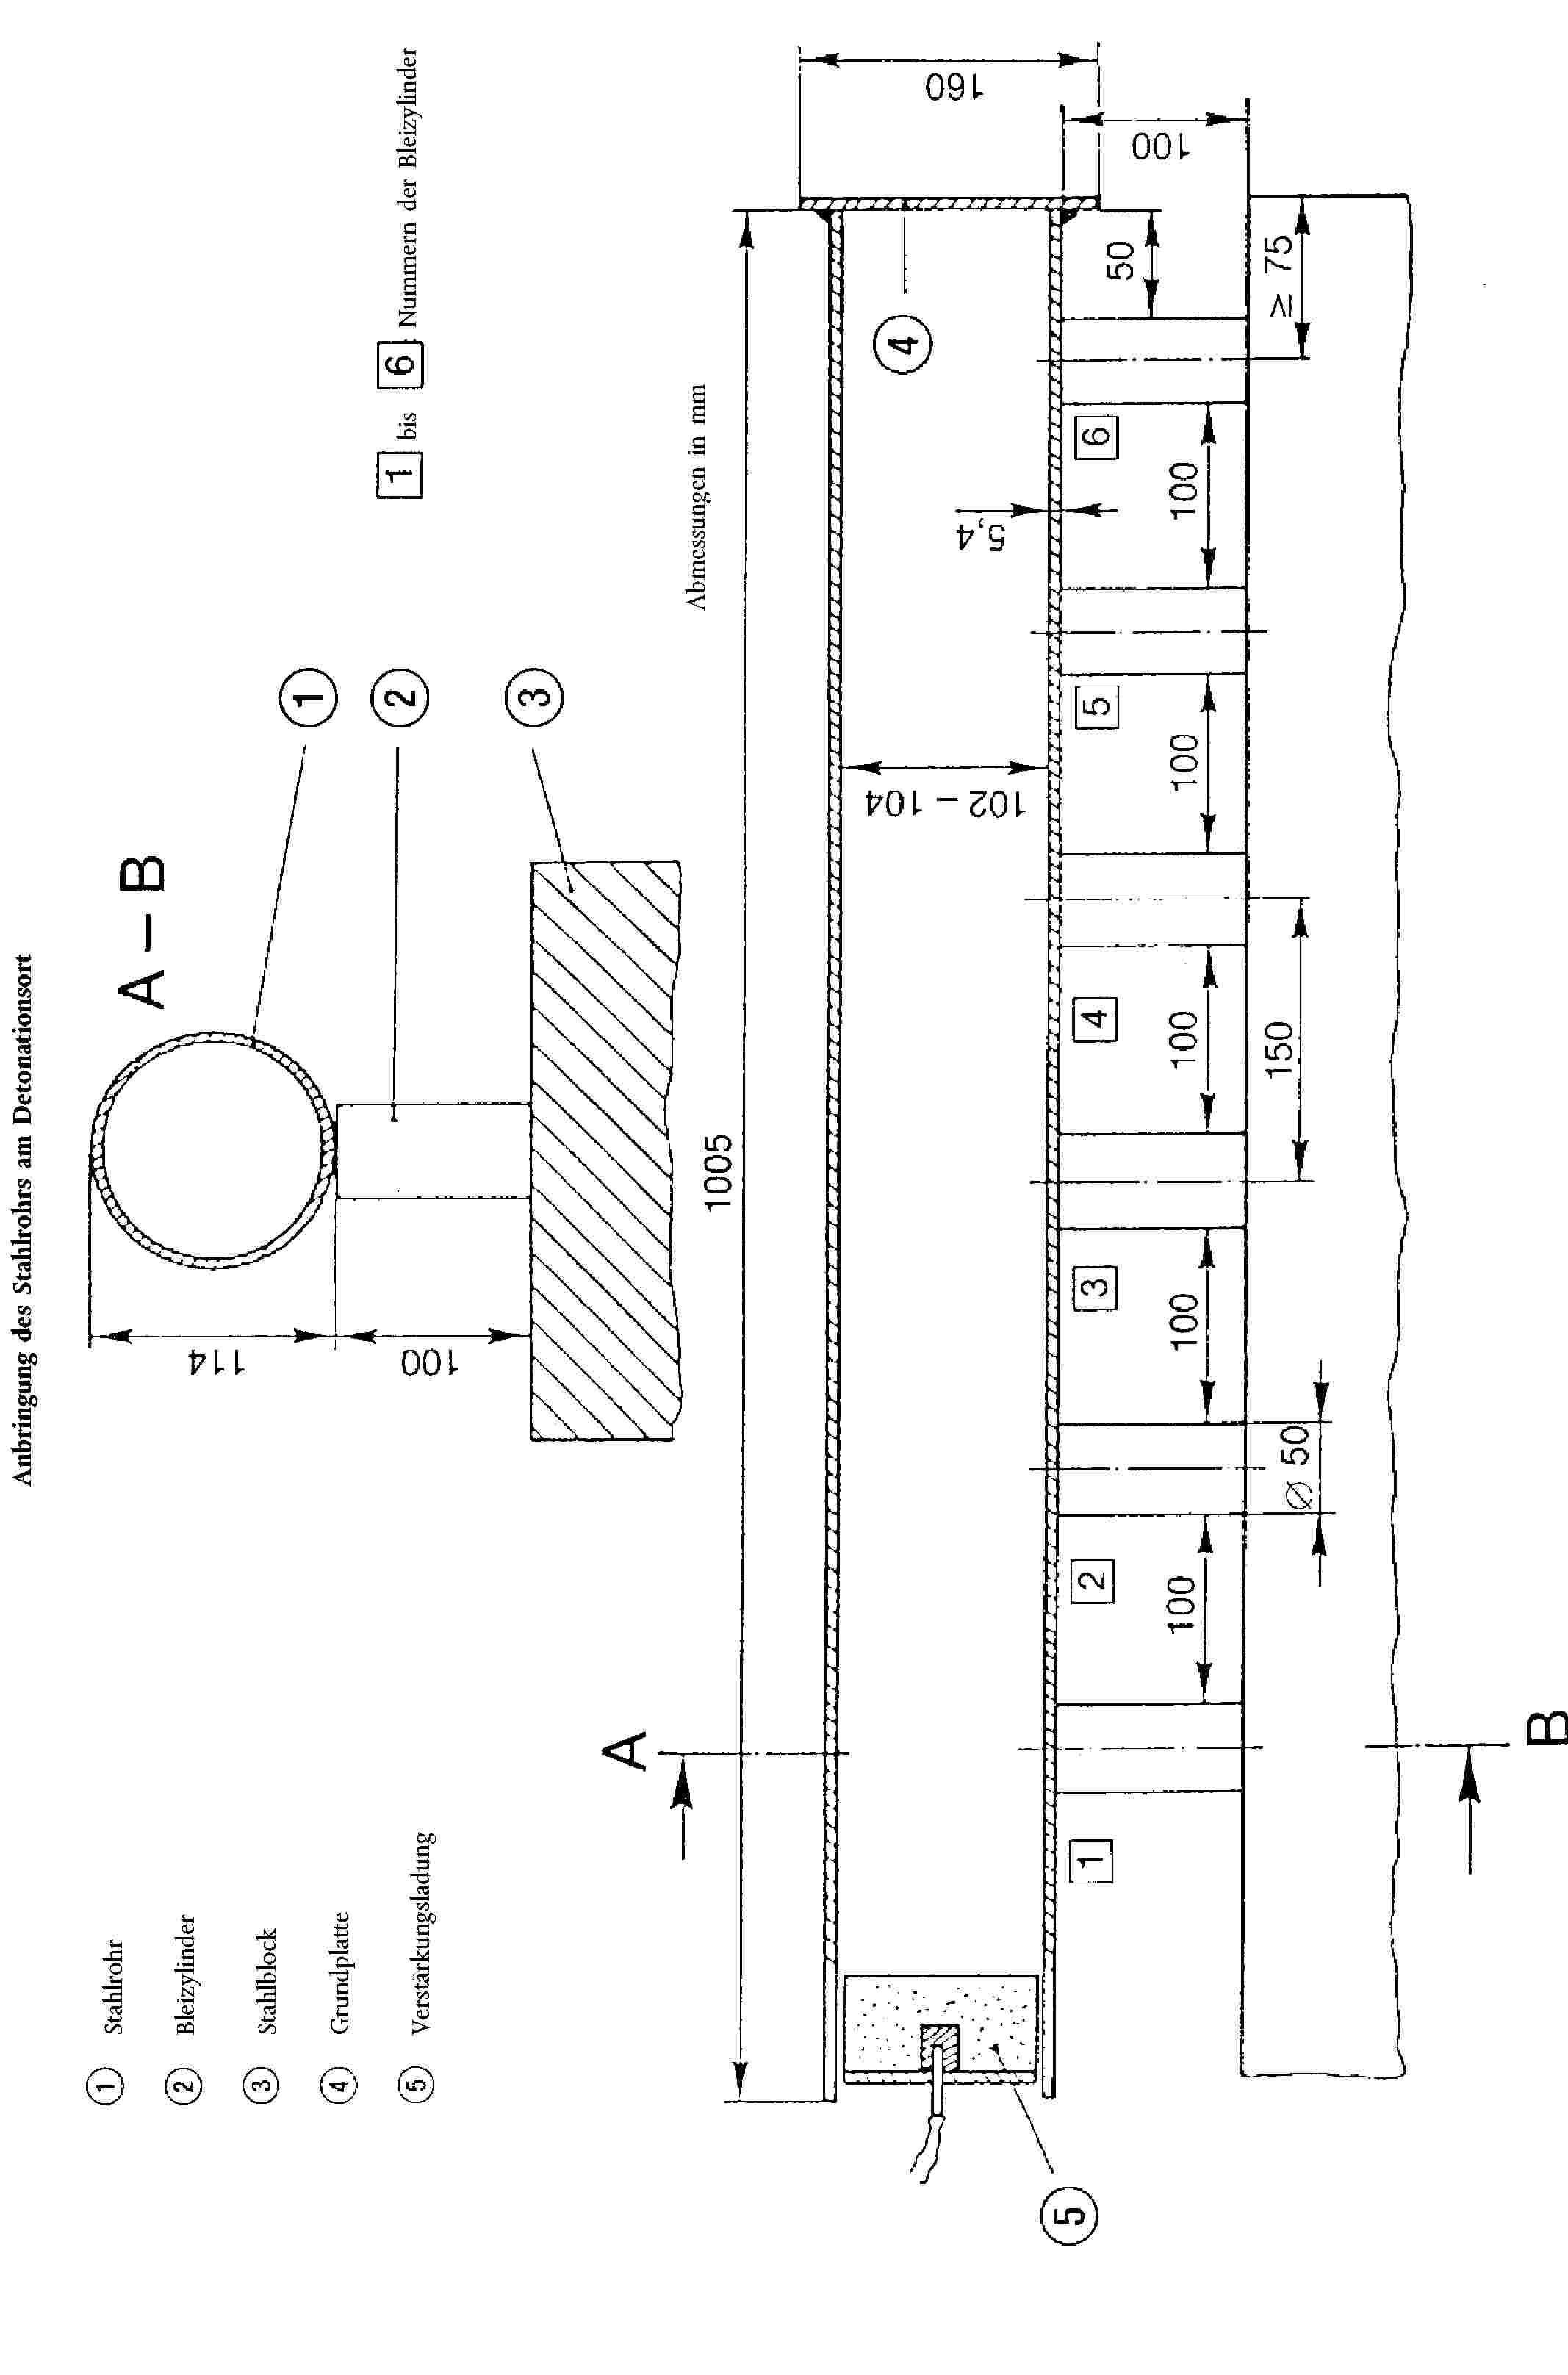 Ungewöhnlich Bestand Fortsetzen Galerie - Entry Level Resume ...